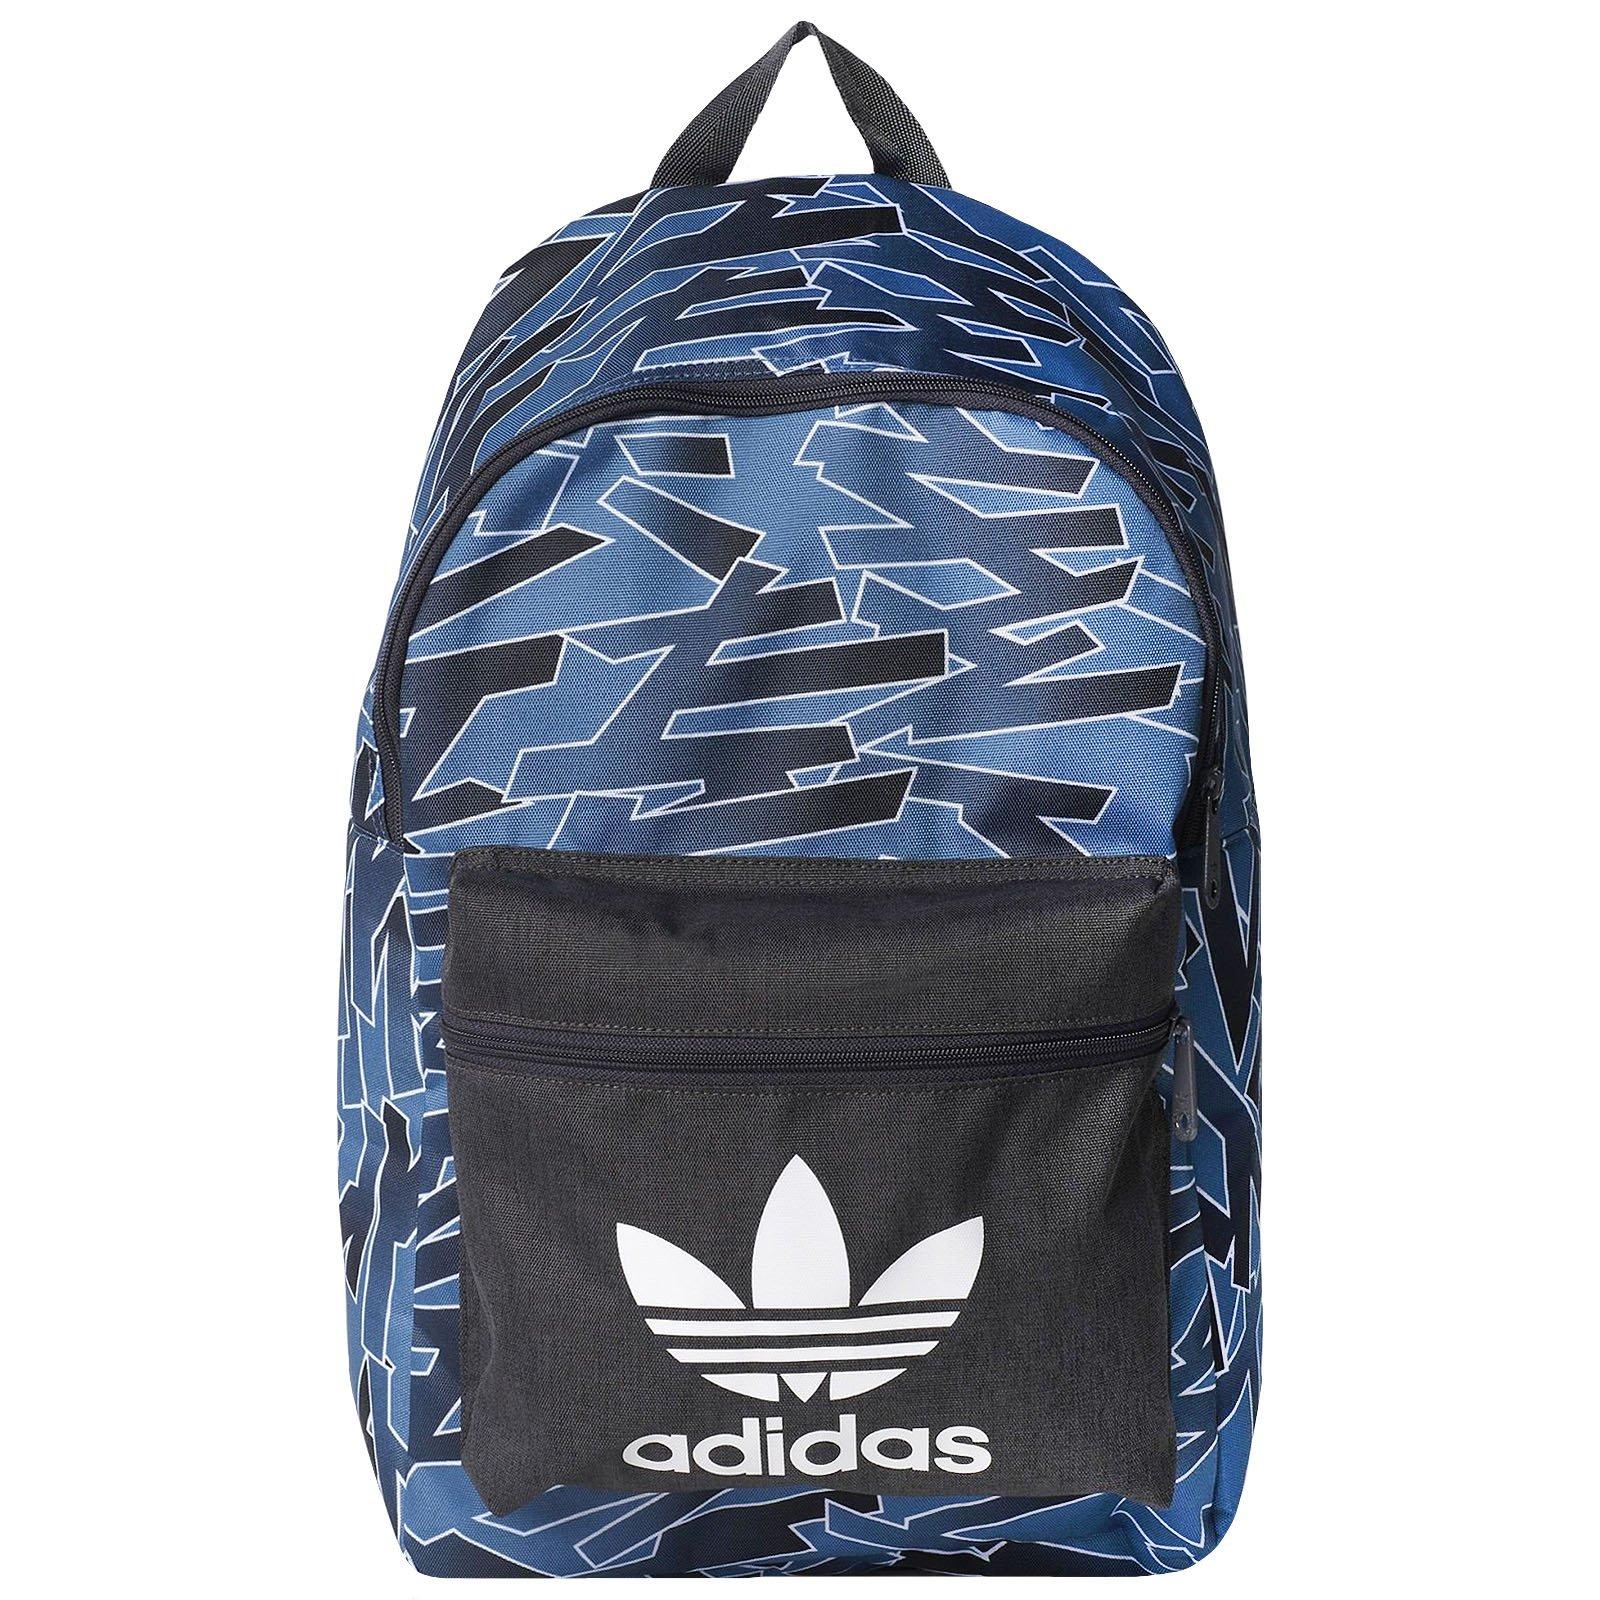 Adidas AZ3256 Shatter Backpack Blue Dark Grey ff67a3b85e8f6